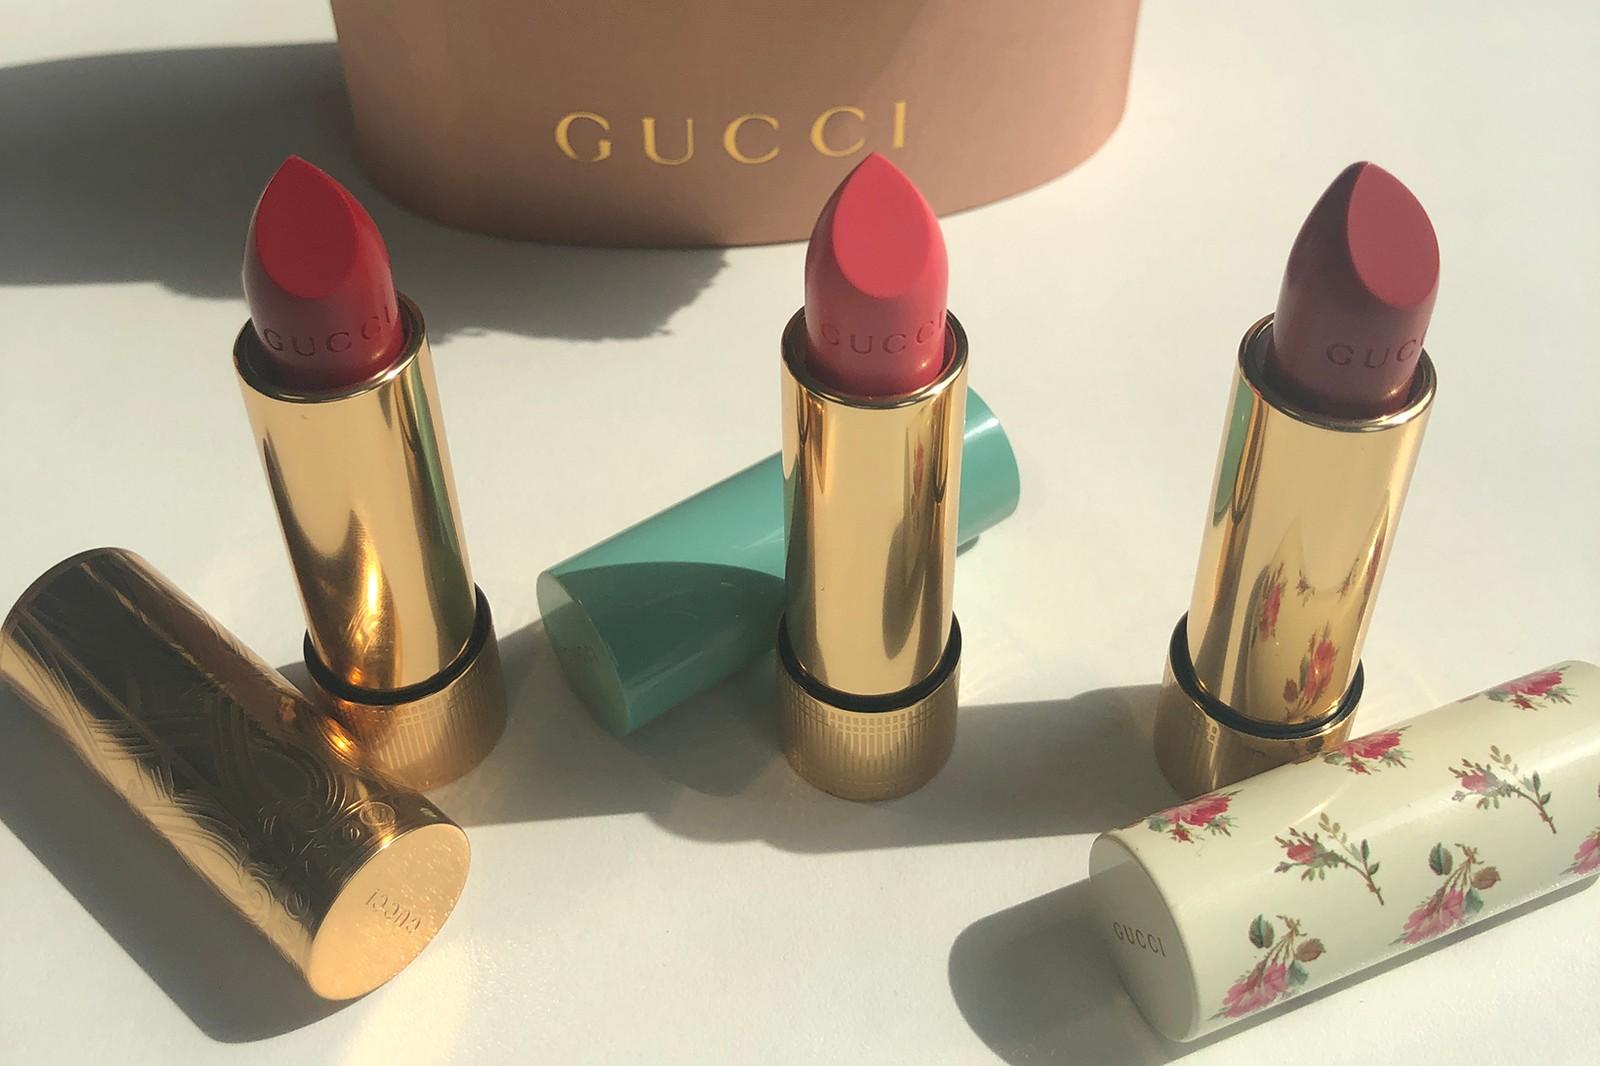 GUCCI全新系列藝術品一般的唇膏,共有三款質地可以滿足不同唇彩需求,美到心花開不止